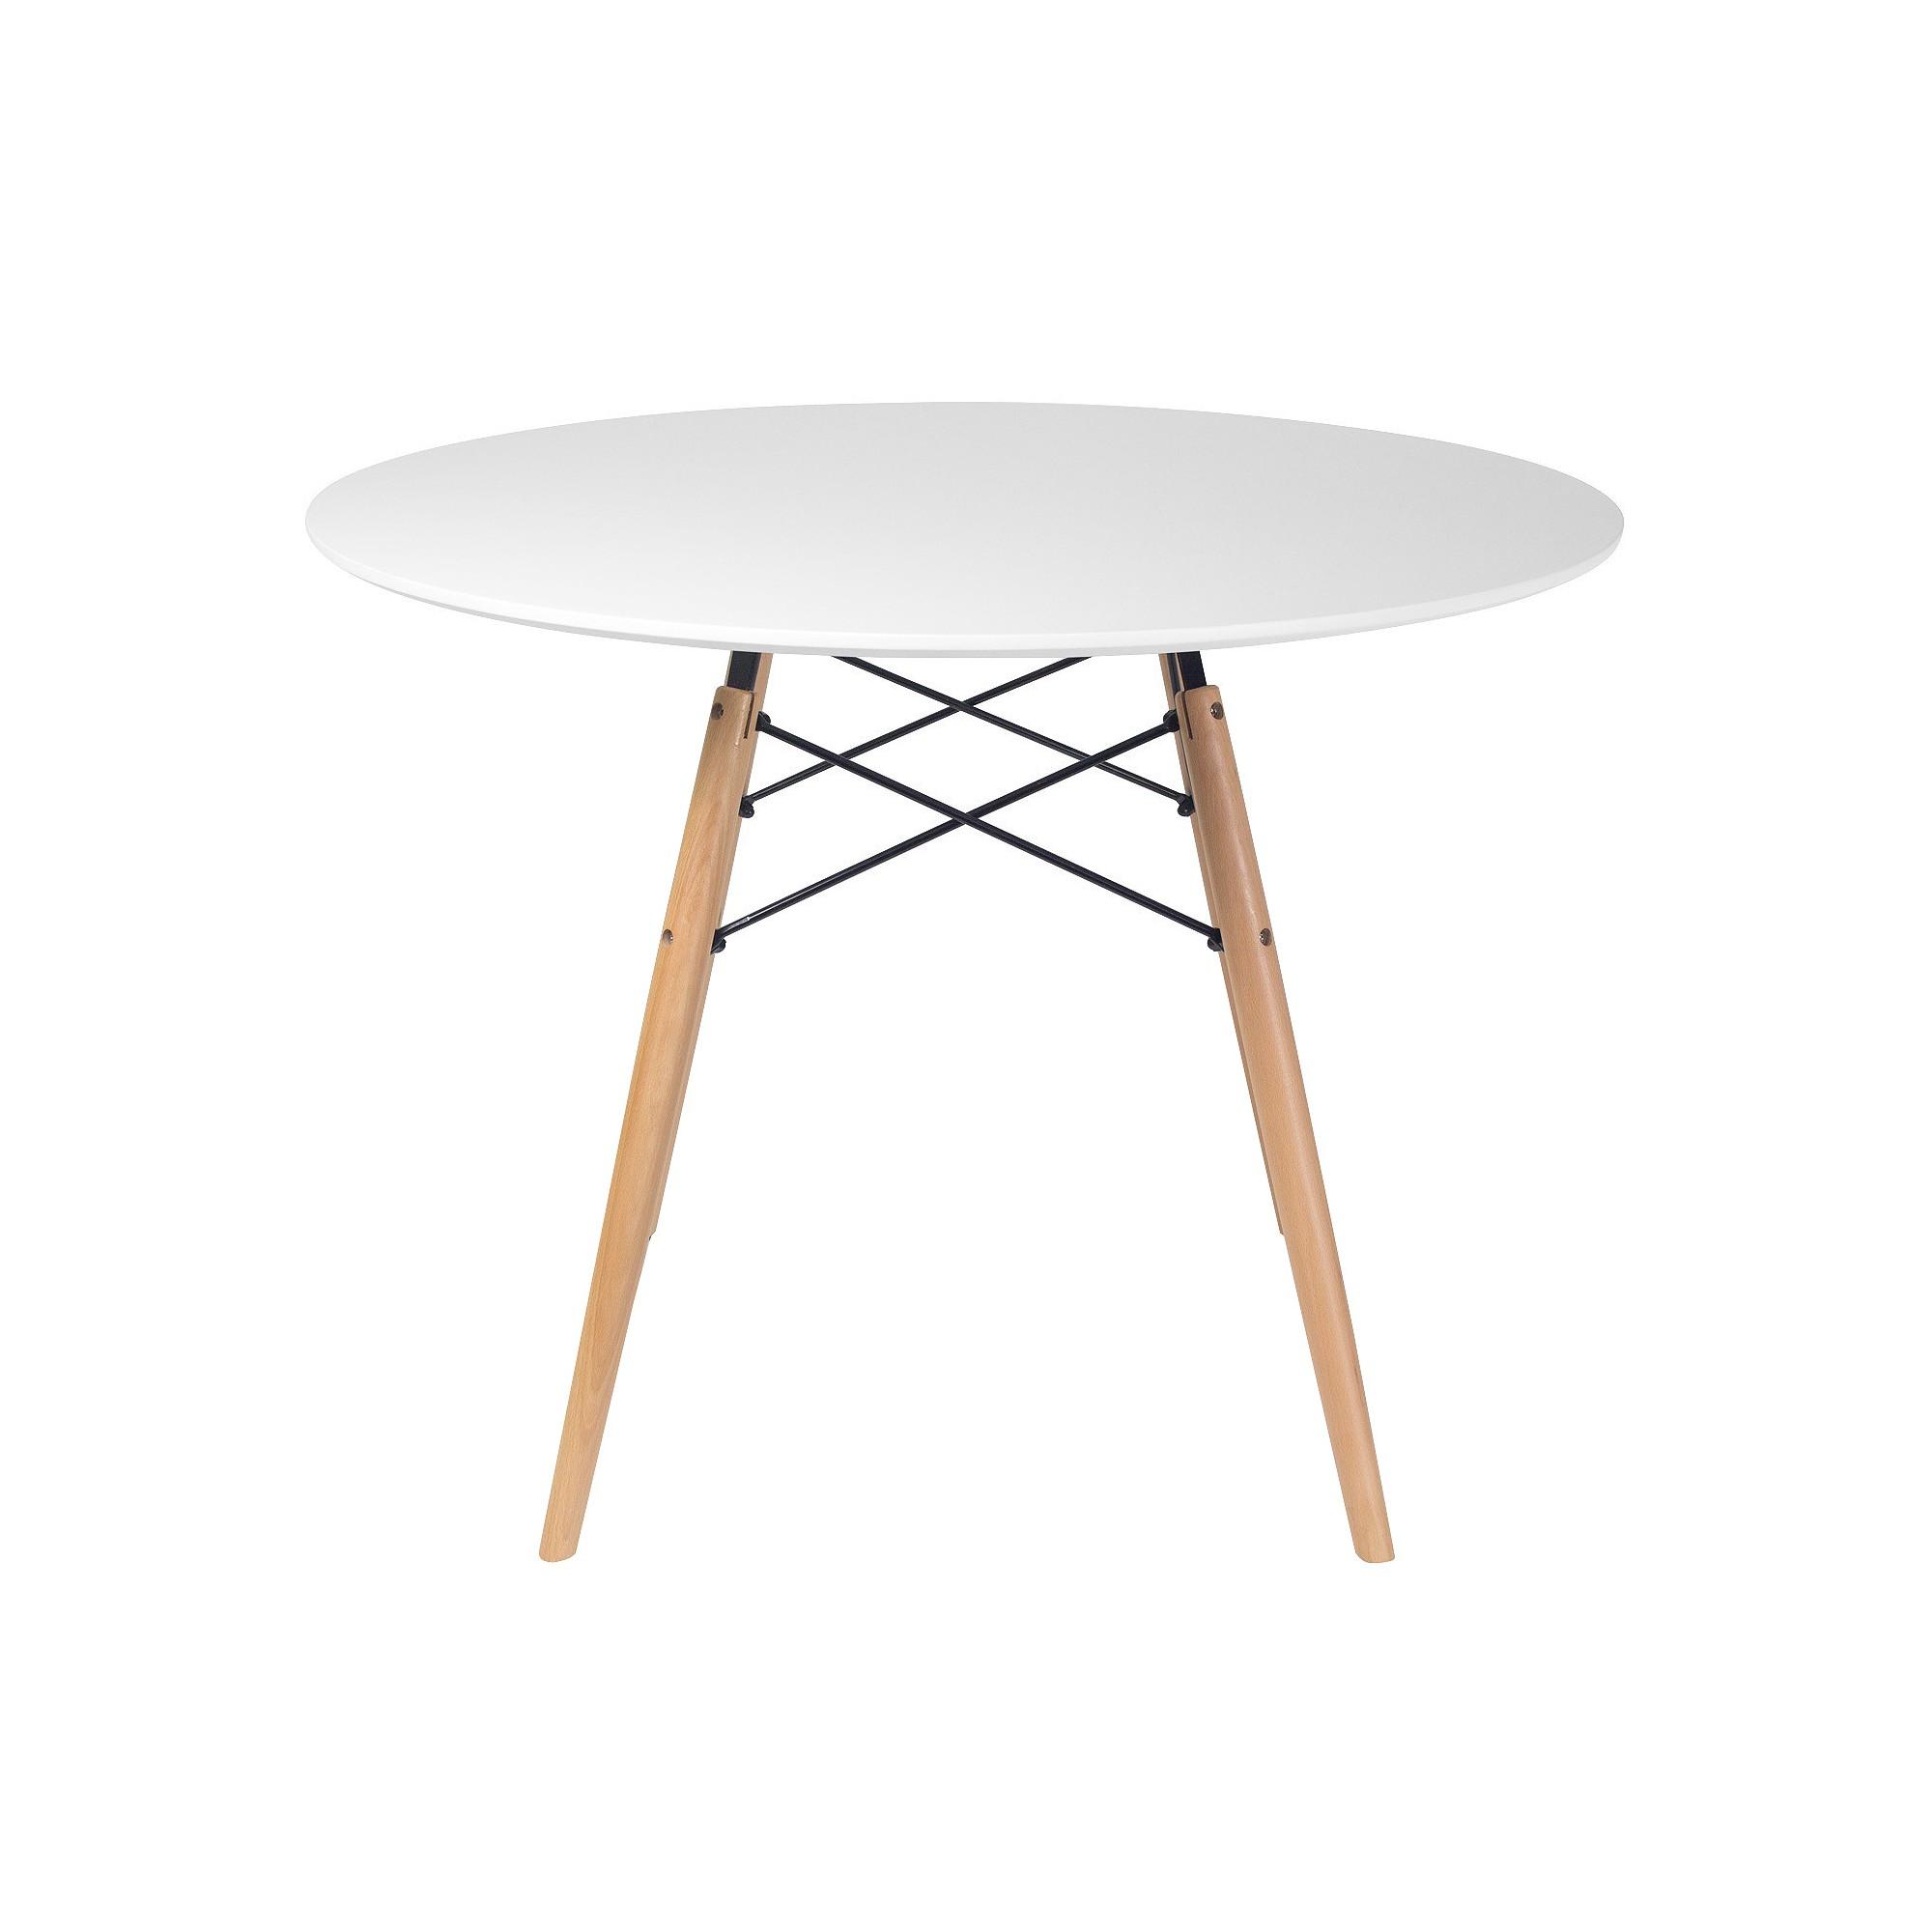 32 Parisian Round Dining Table White Aeon Round Dining Table Circle Dining Table Round Dining